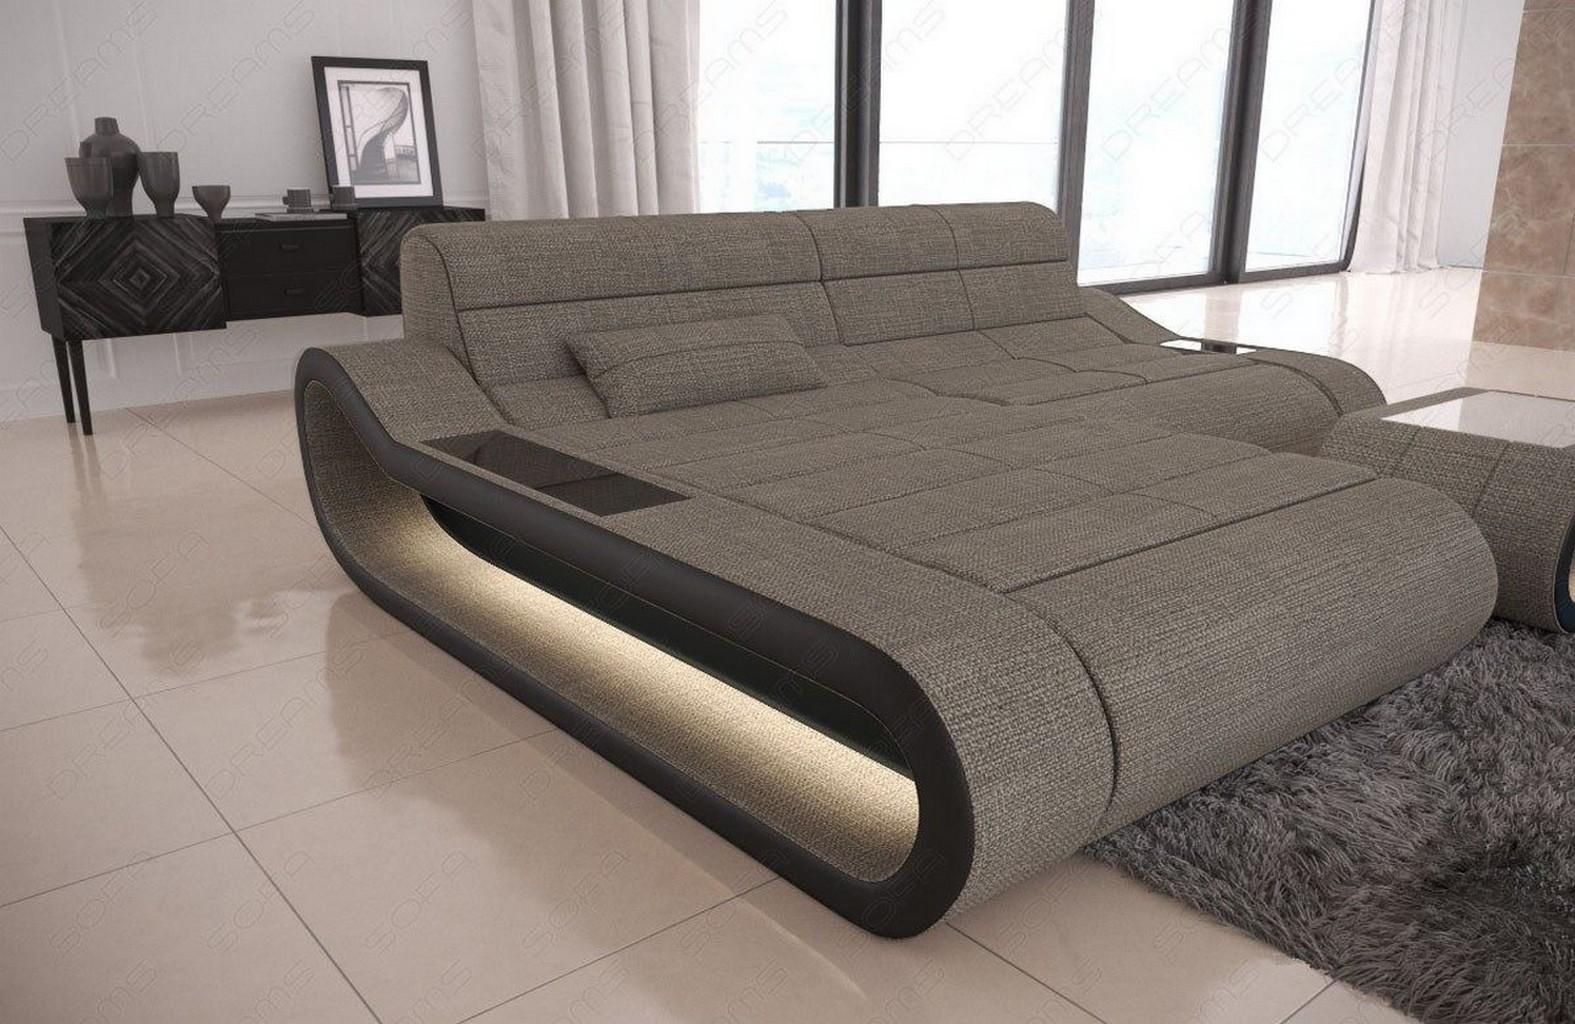 Faszinierend Sofa L Form Grau Das Beste Von Designersofa Stoff Concept Led Lampen H4 Ergebnis